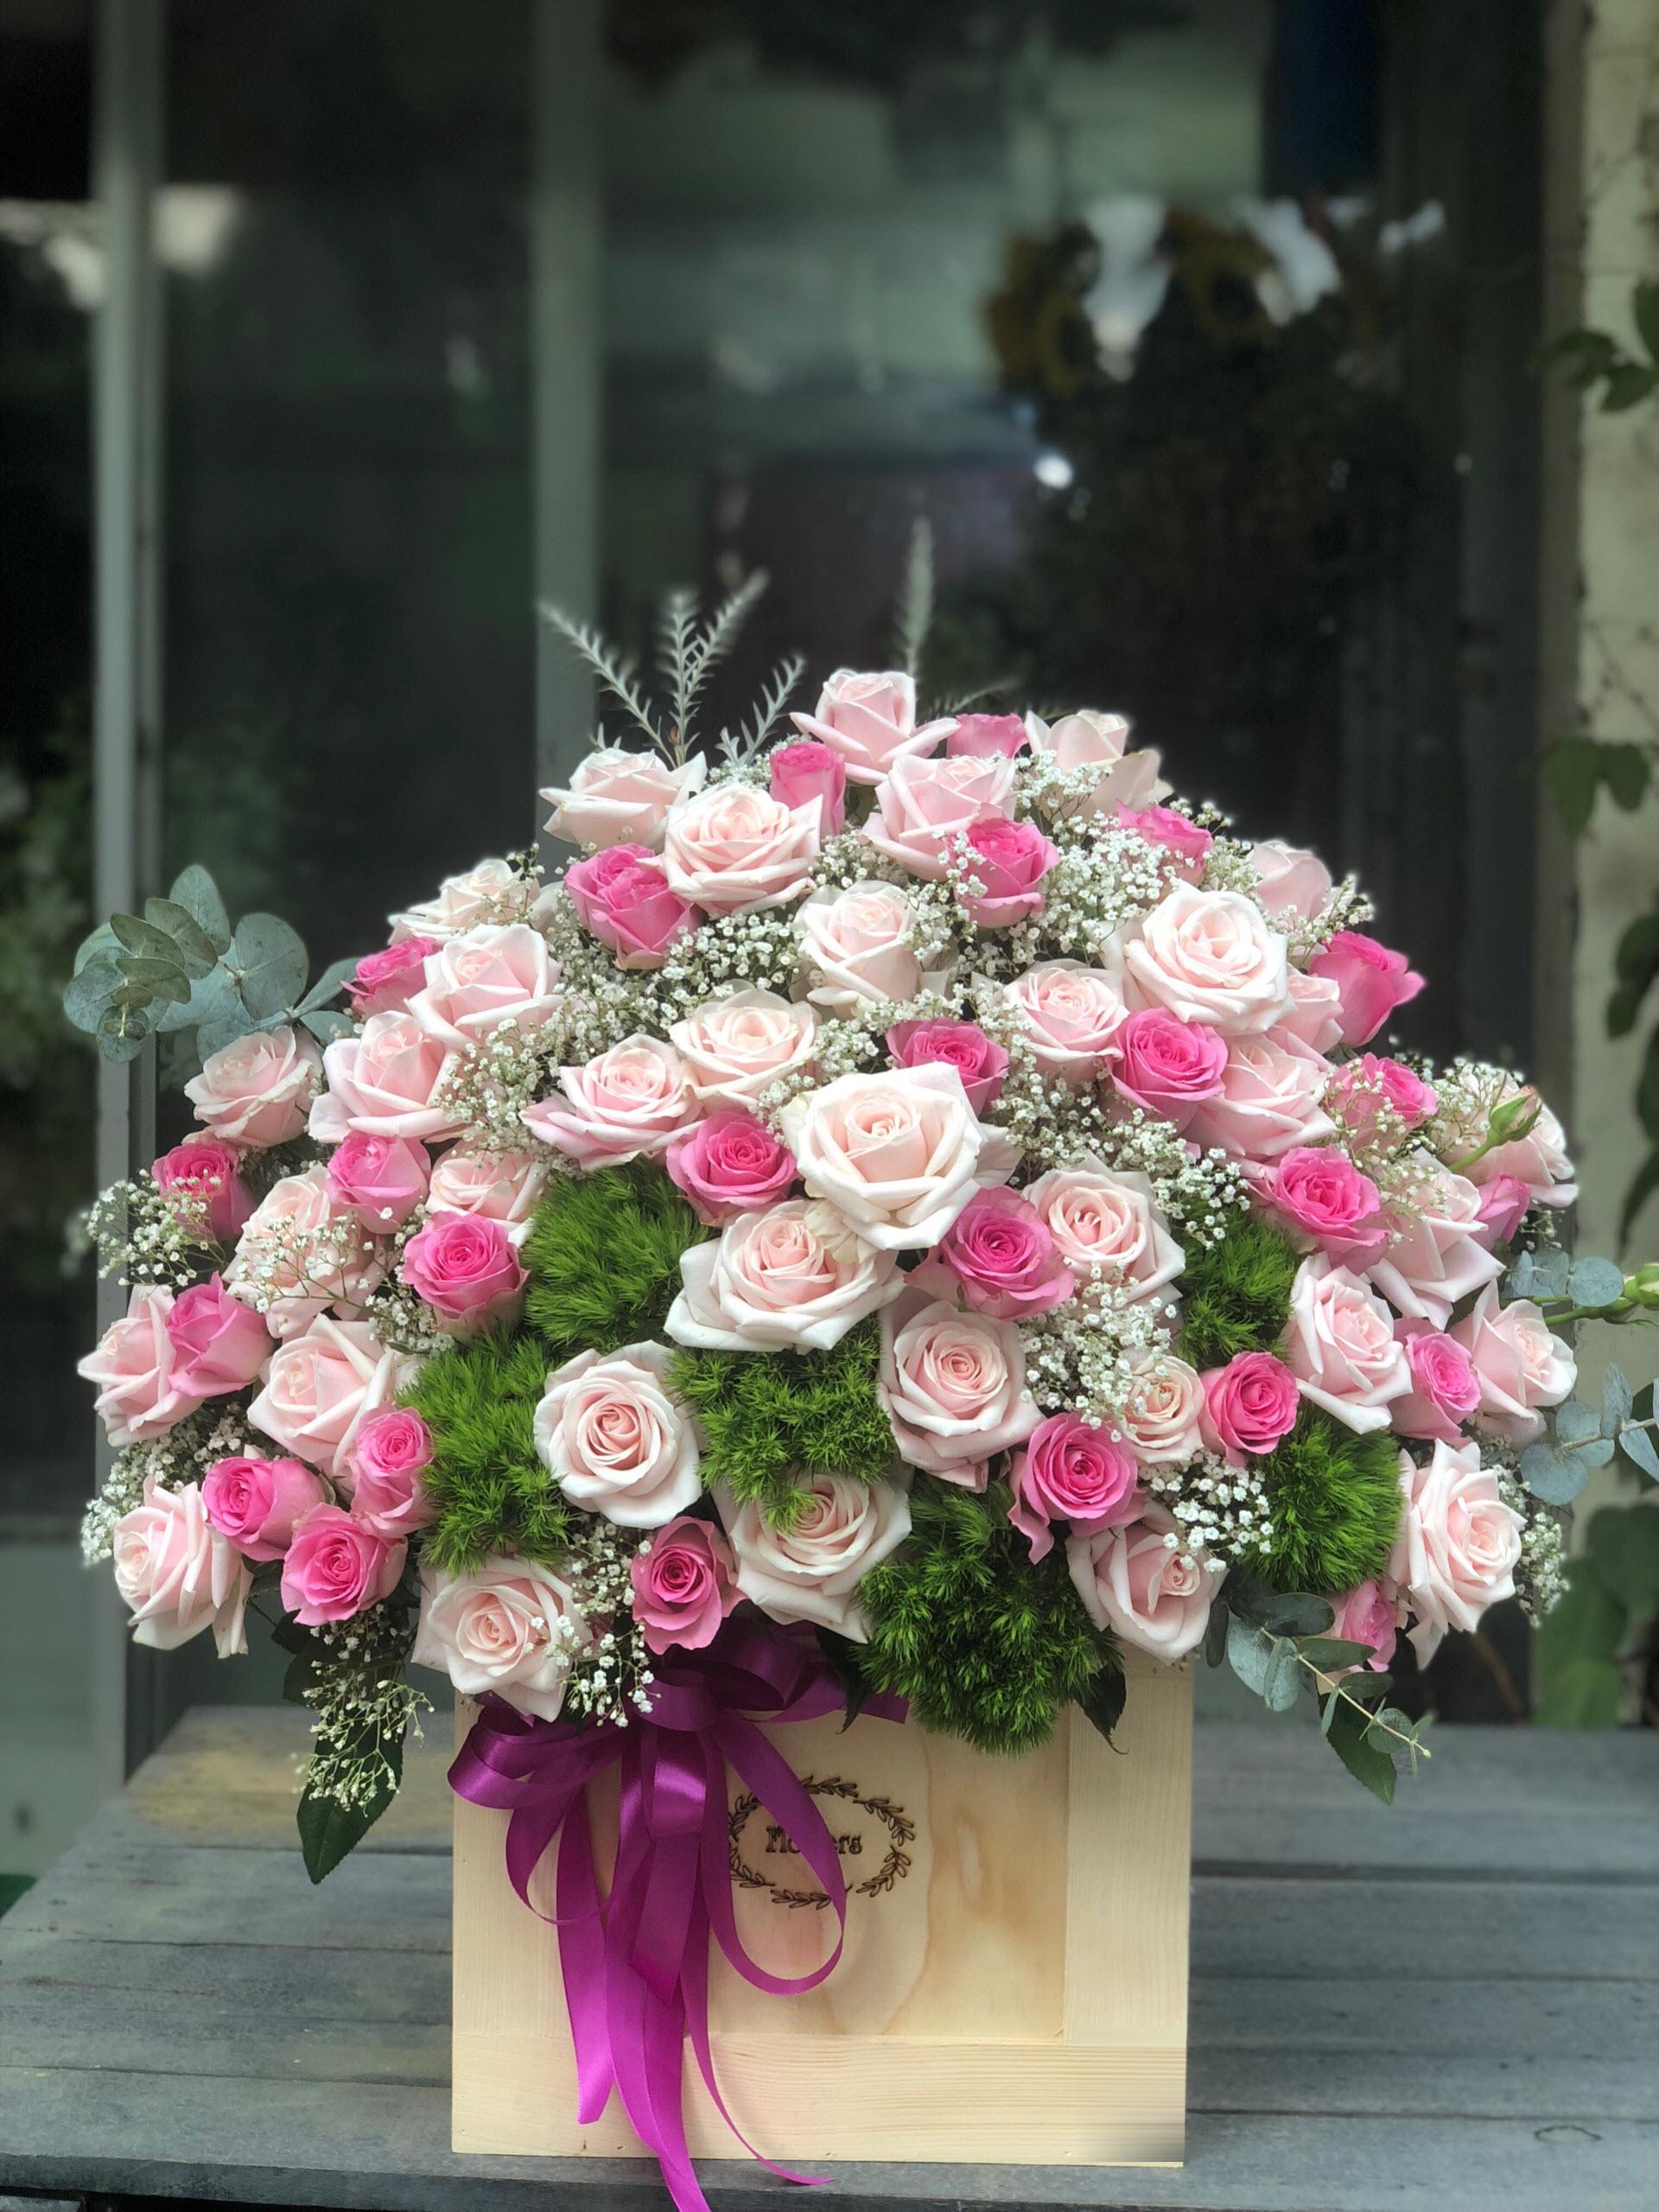 Hình ảnh lẵng hoa hồng ngoại hộp gỗ